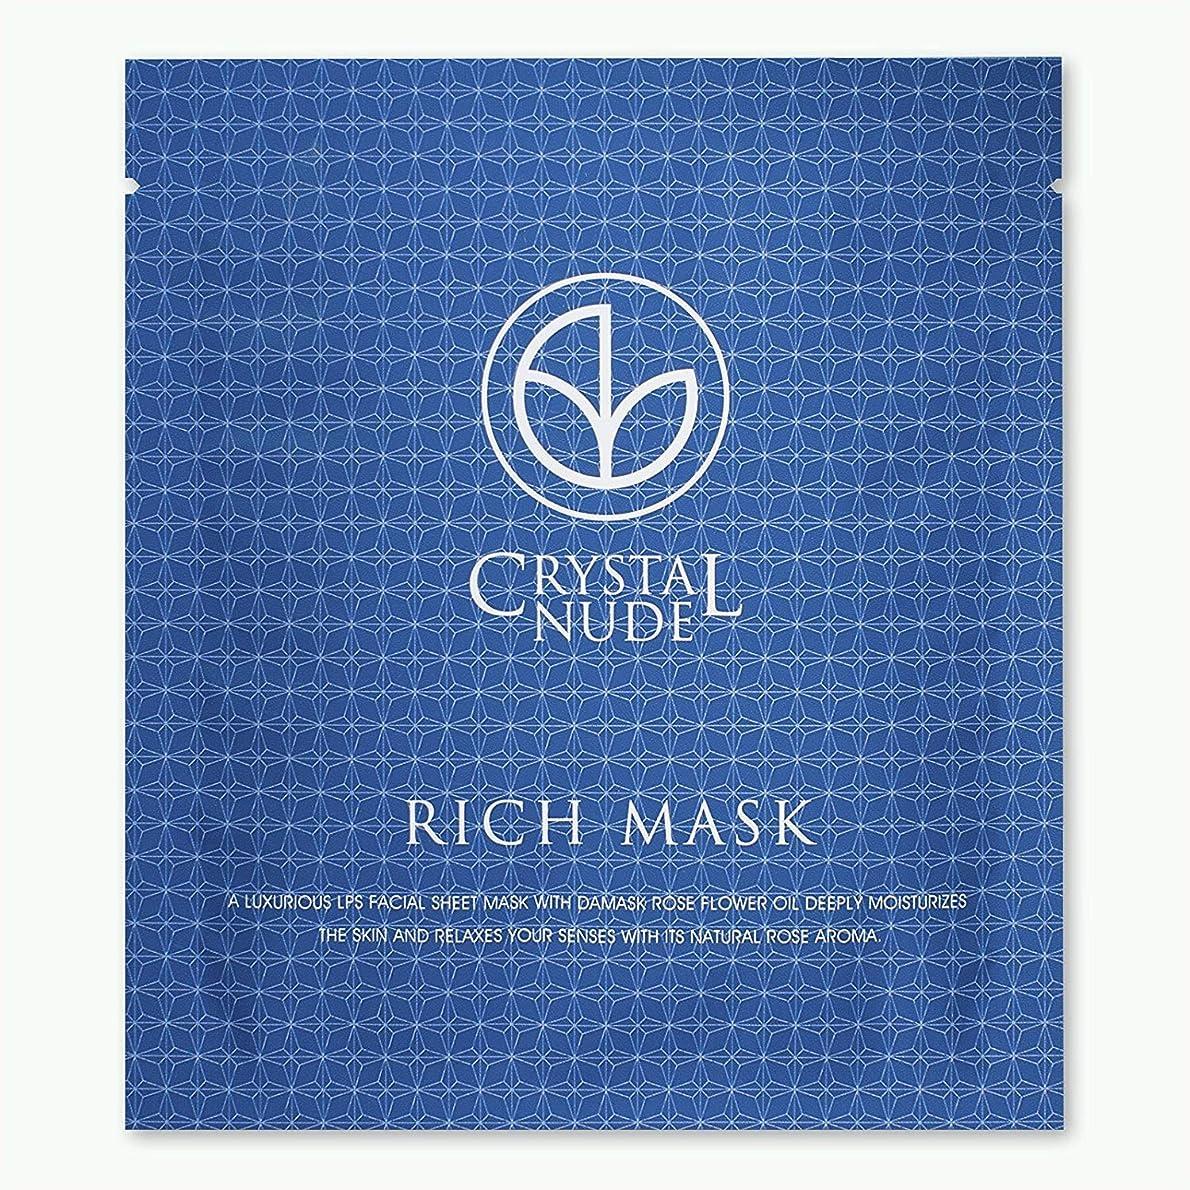 ポーン案件米国【LPS配合】RICH MASK リッチマスク (1枚)